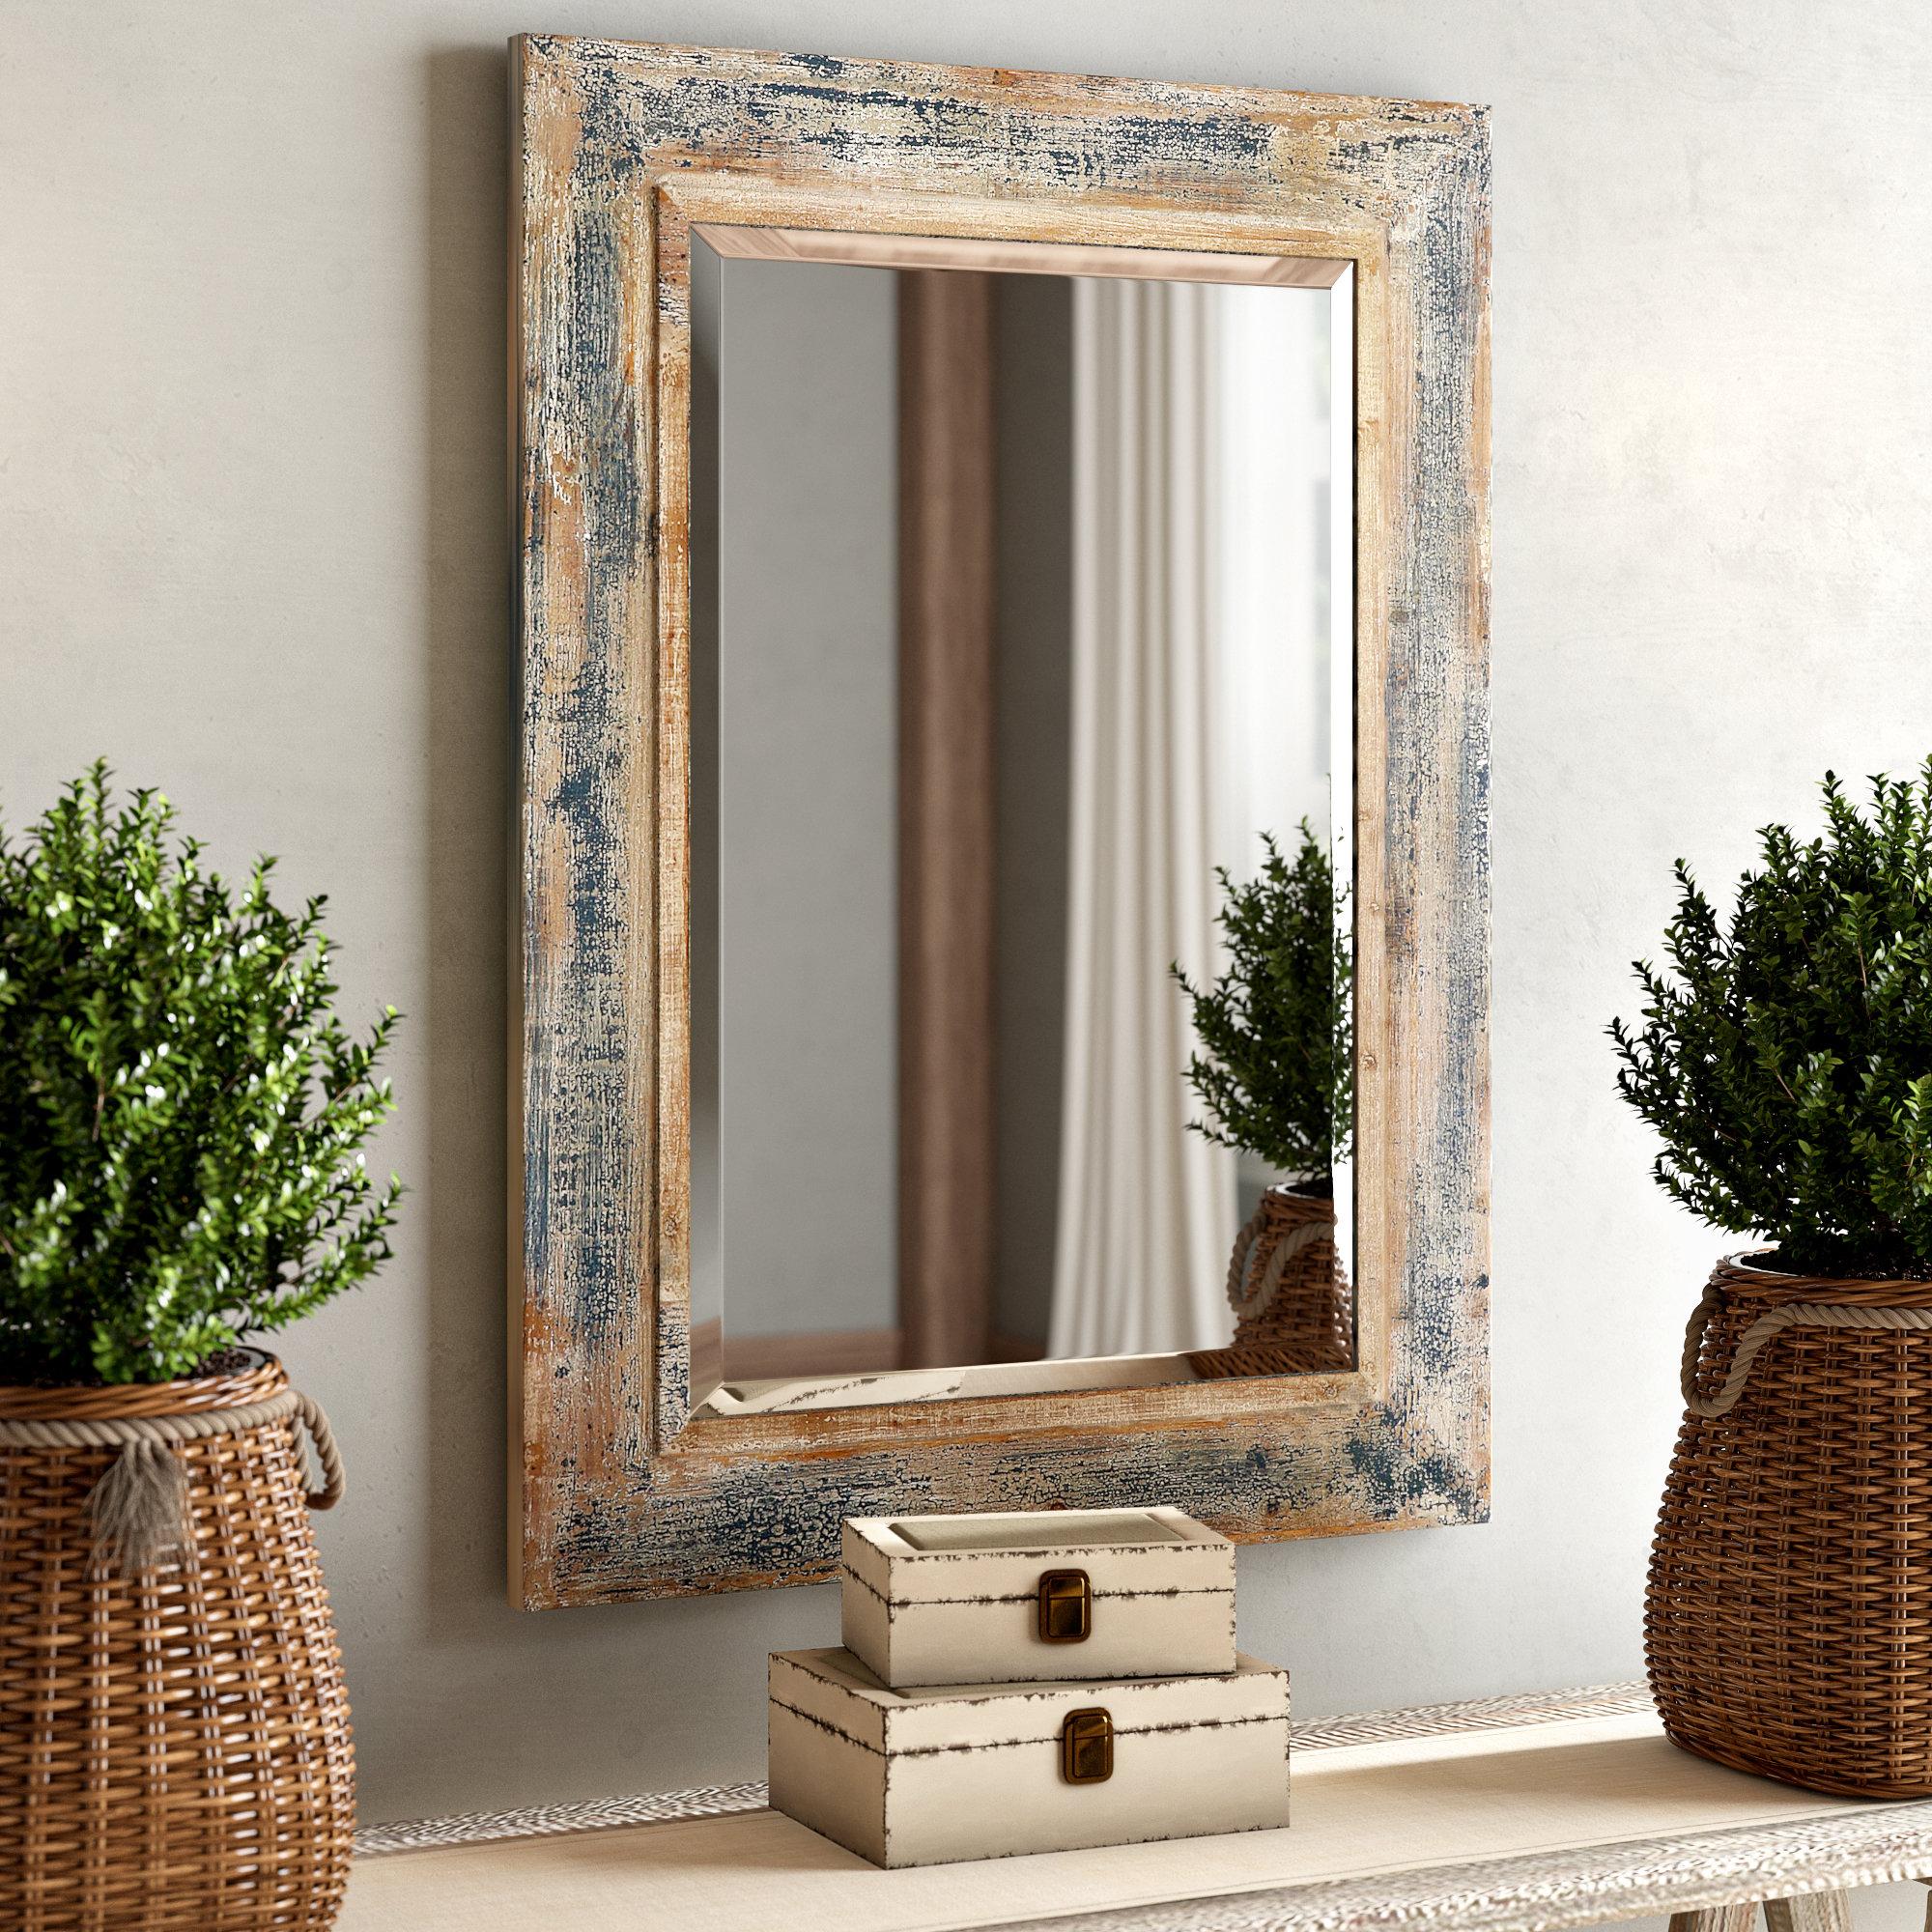 Janie Rectangular Wall Mirror Inside Janie Rectangular Wall Mirrors (Image 4 of 20)